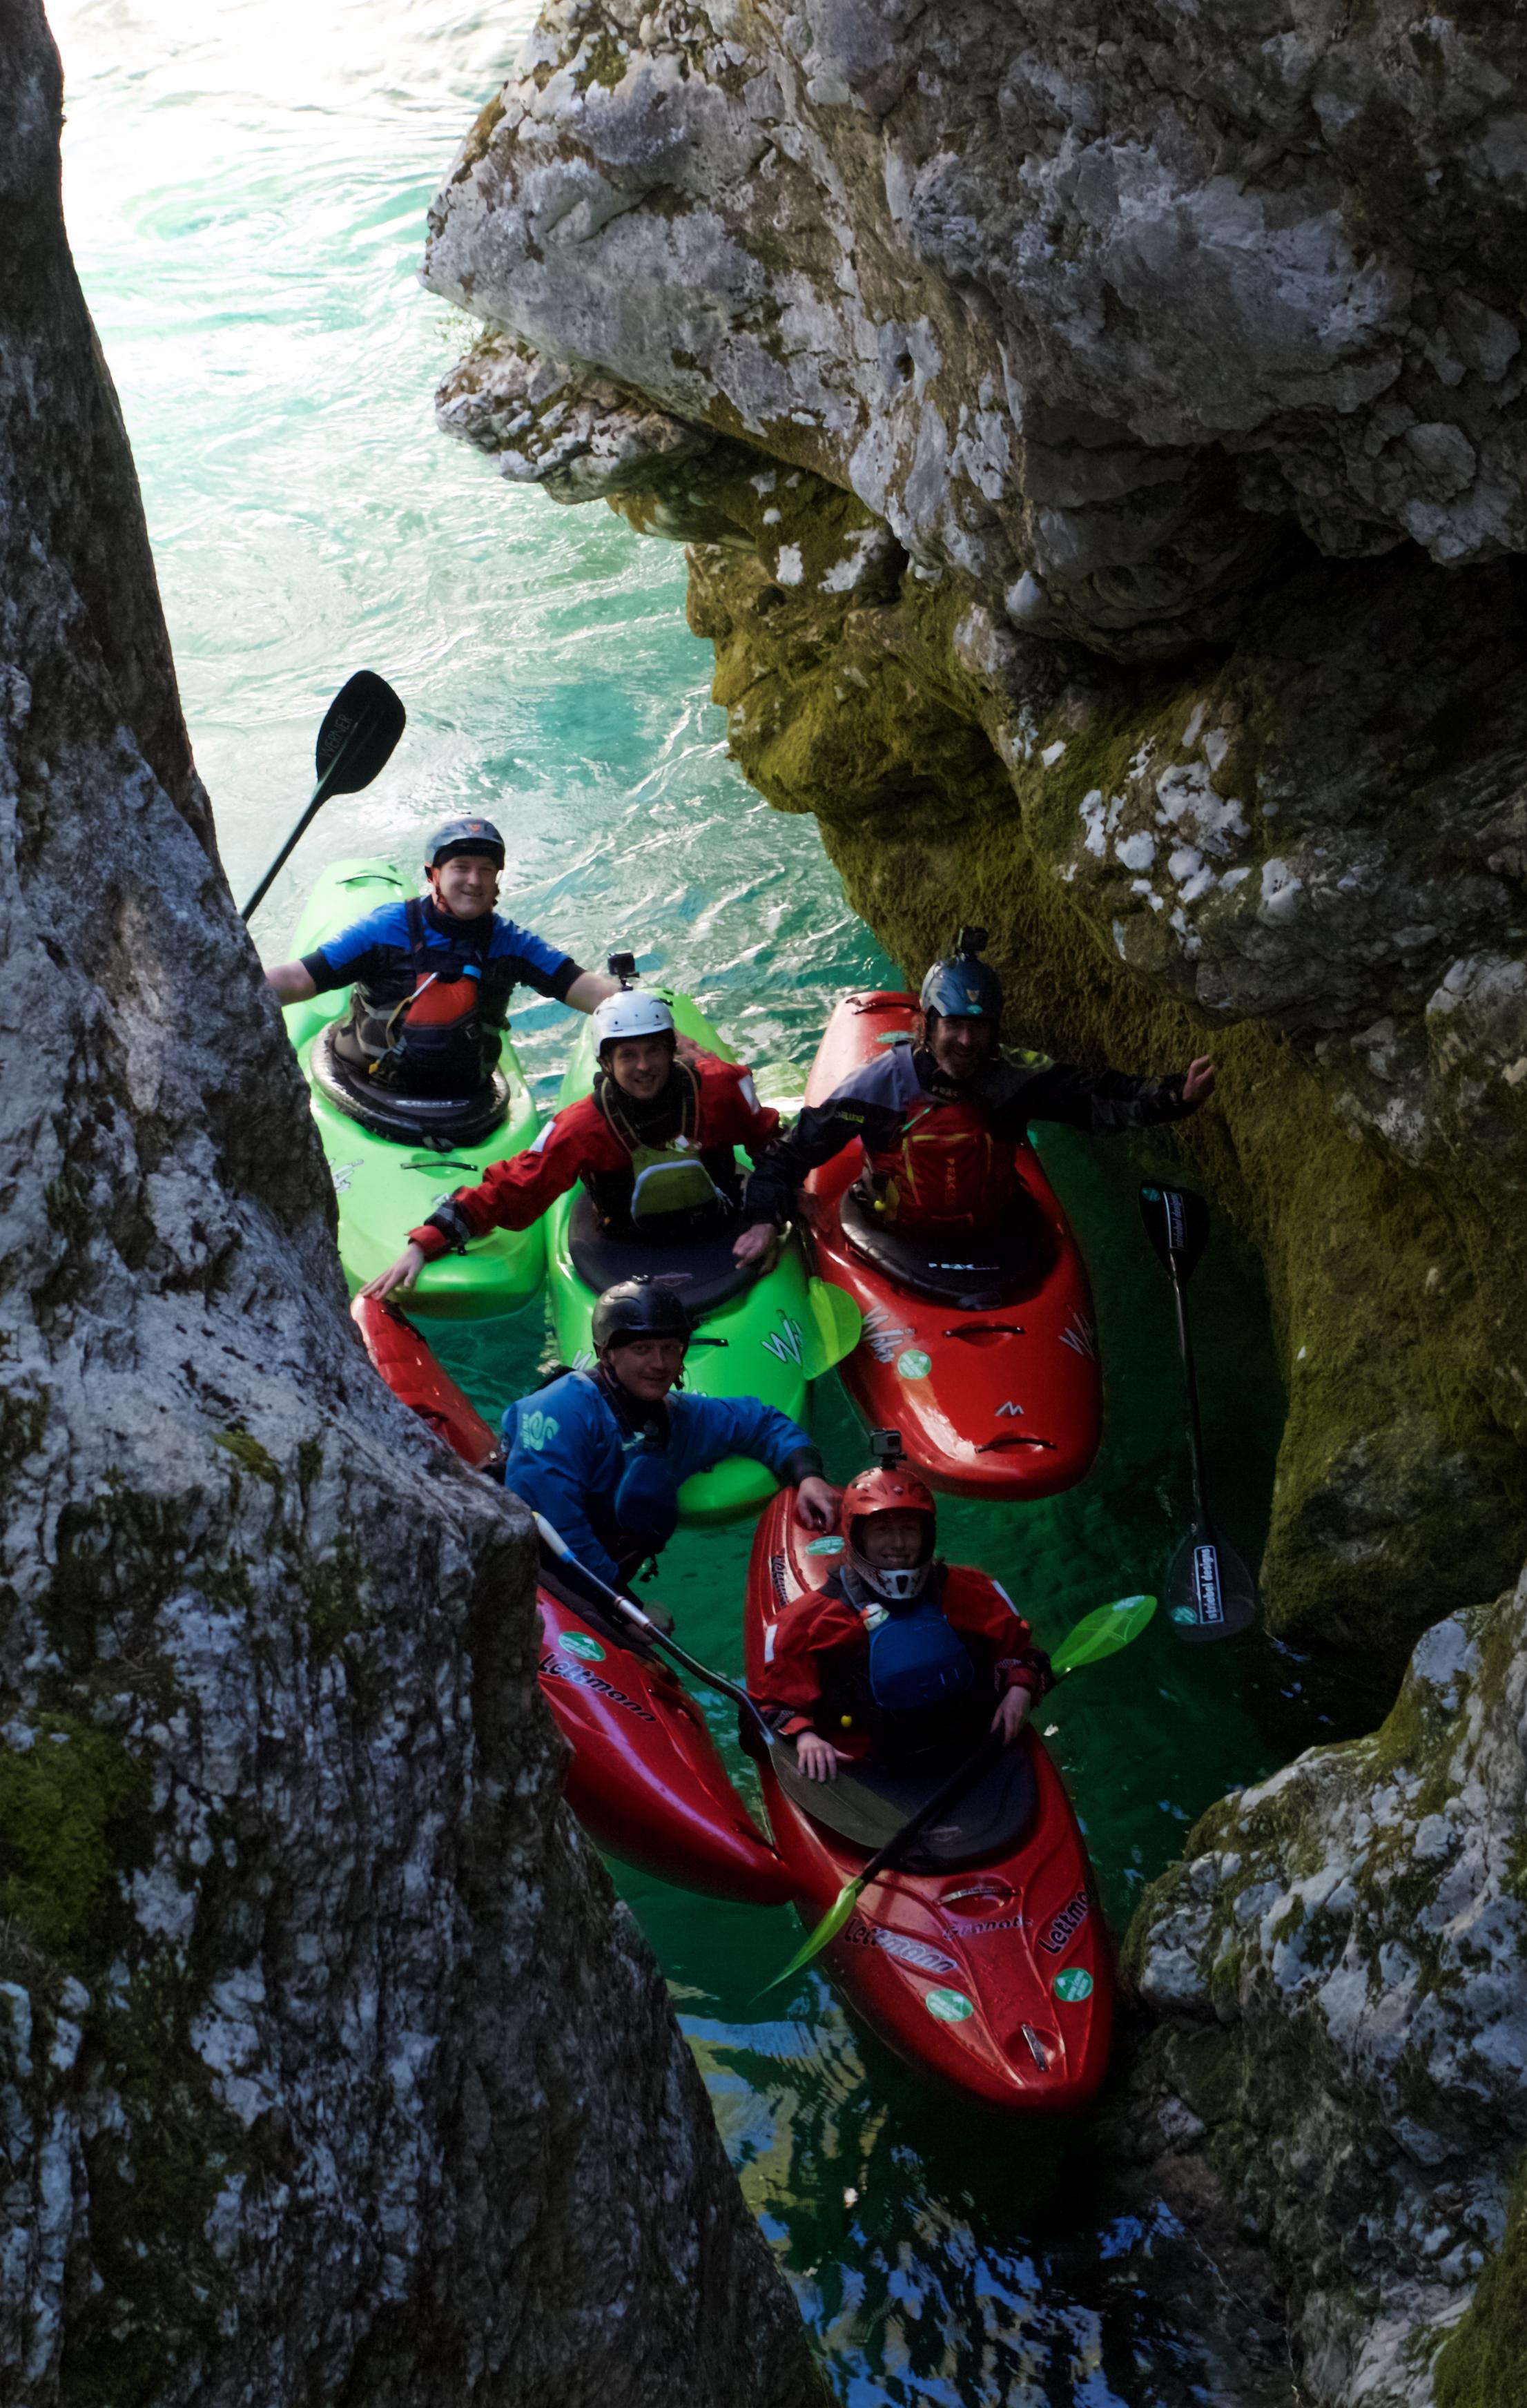 Kayaking-Trips-to-Soca-Valley.jpg